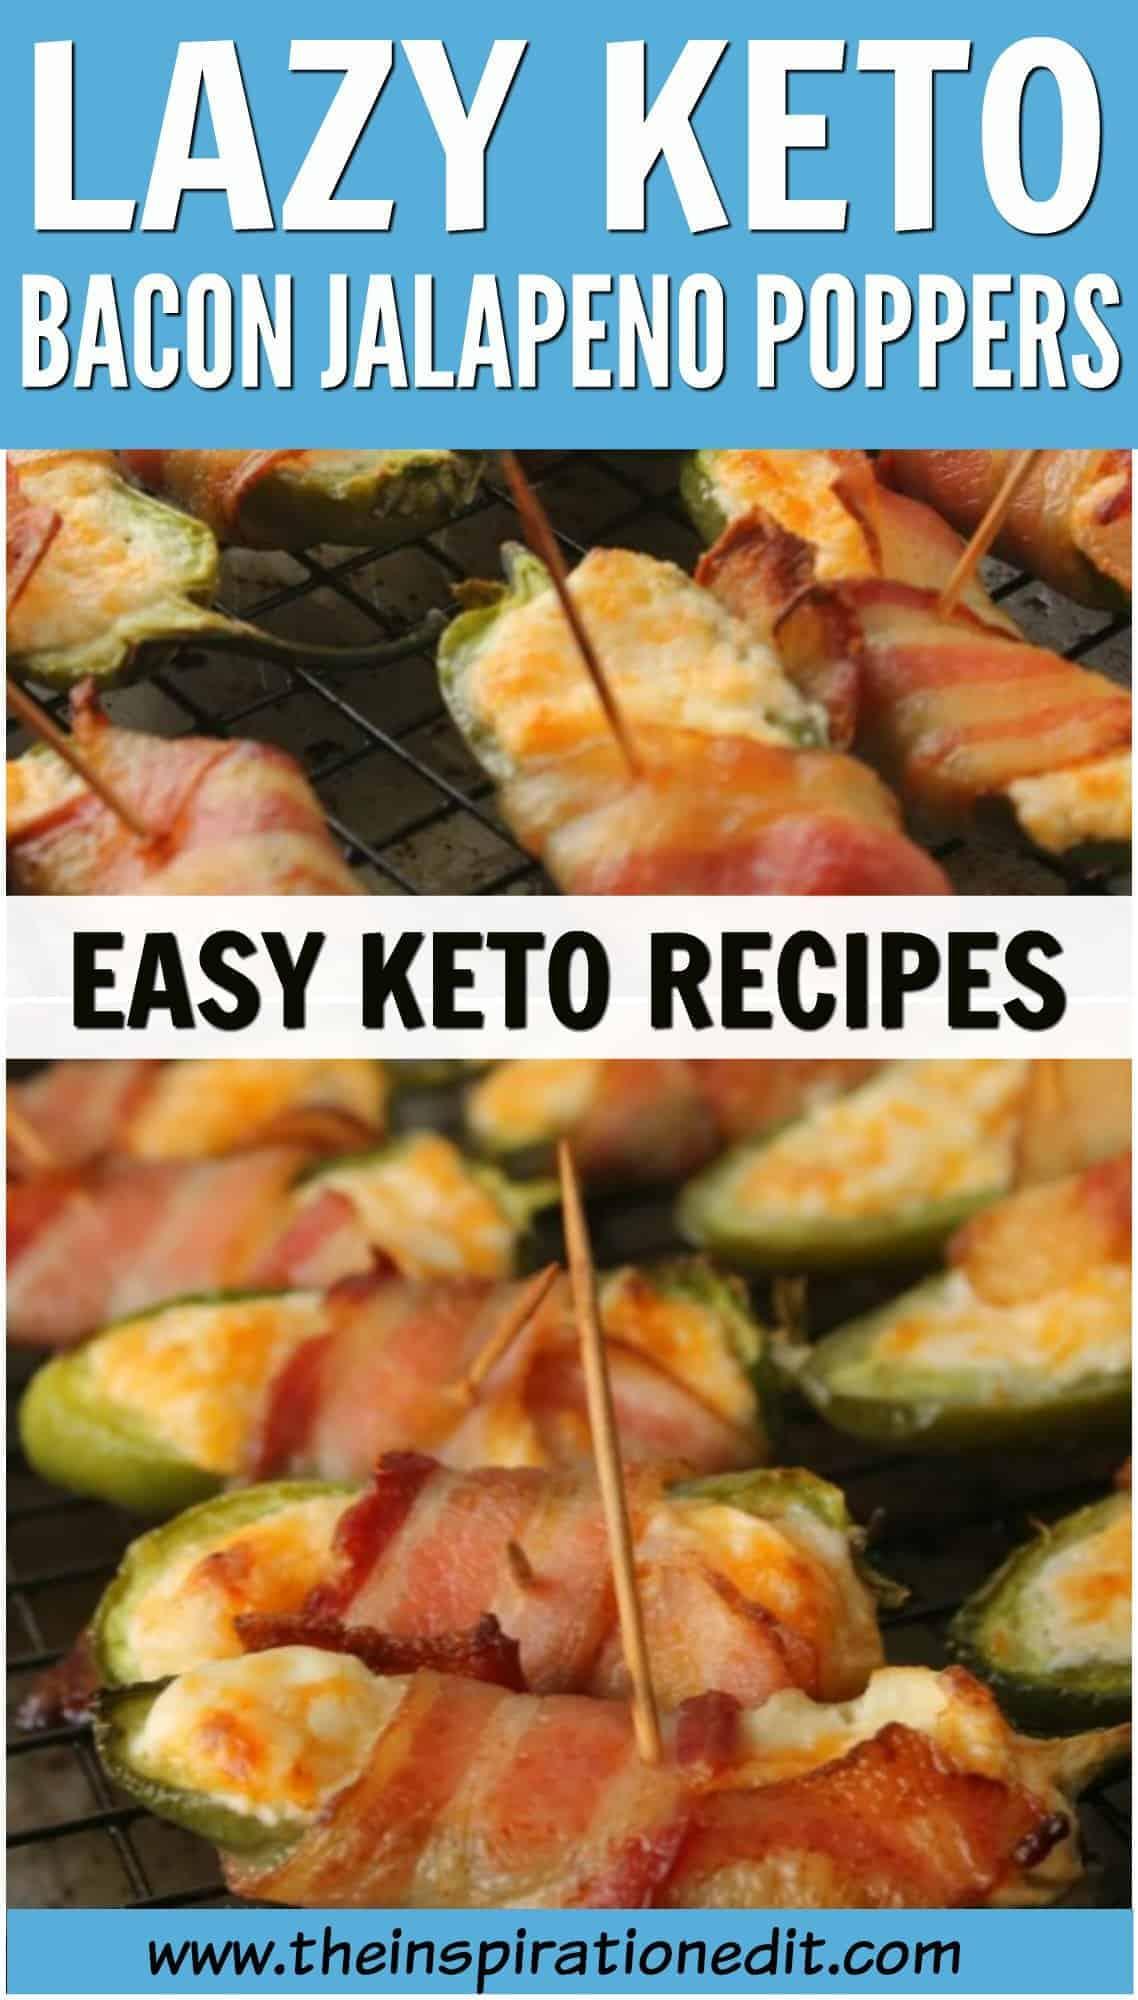 lazy keto recipe